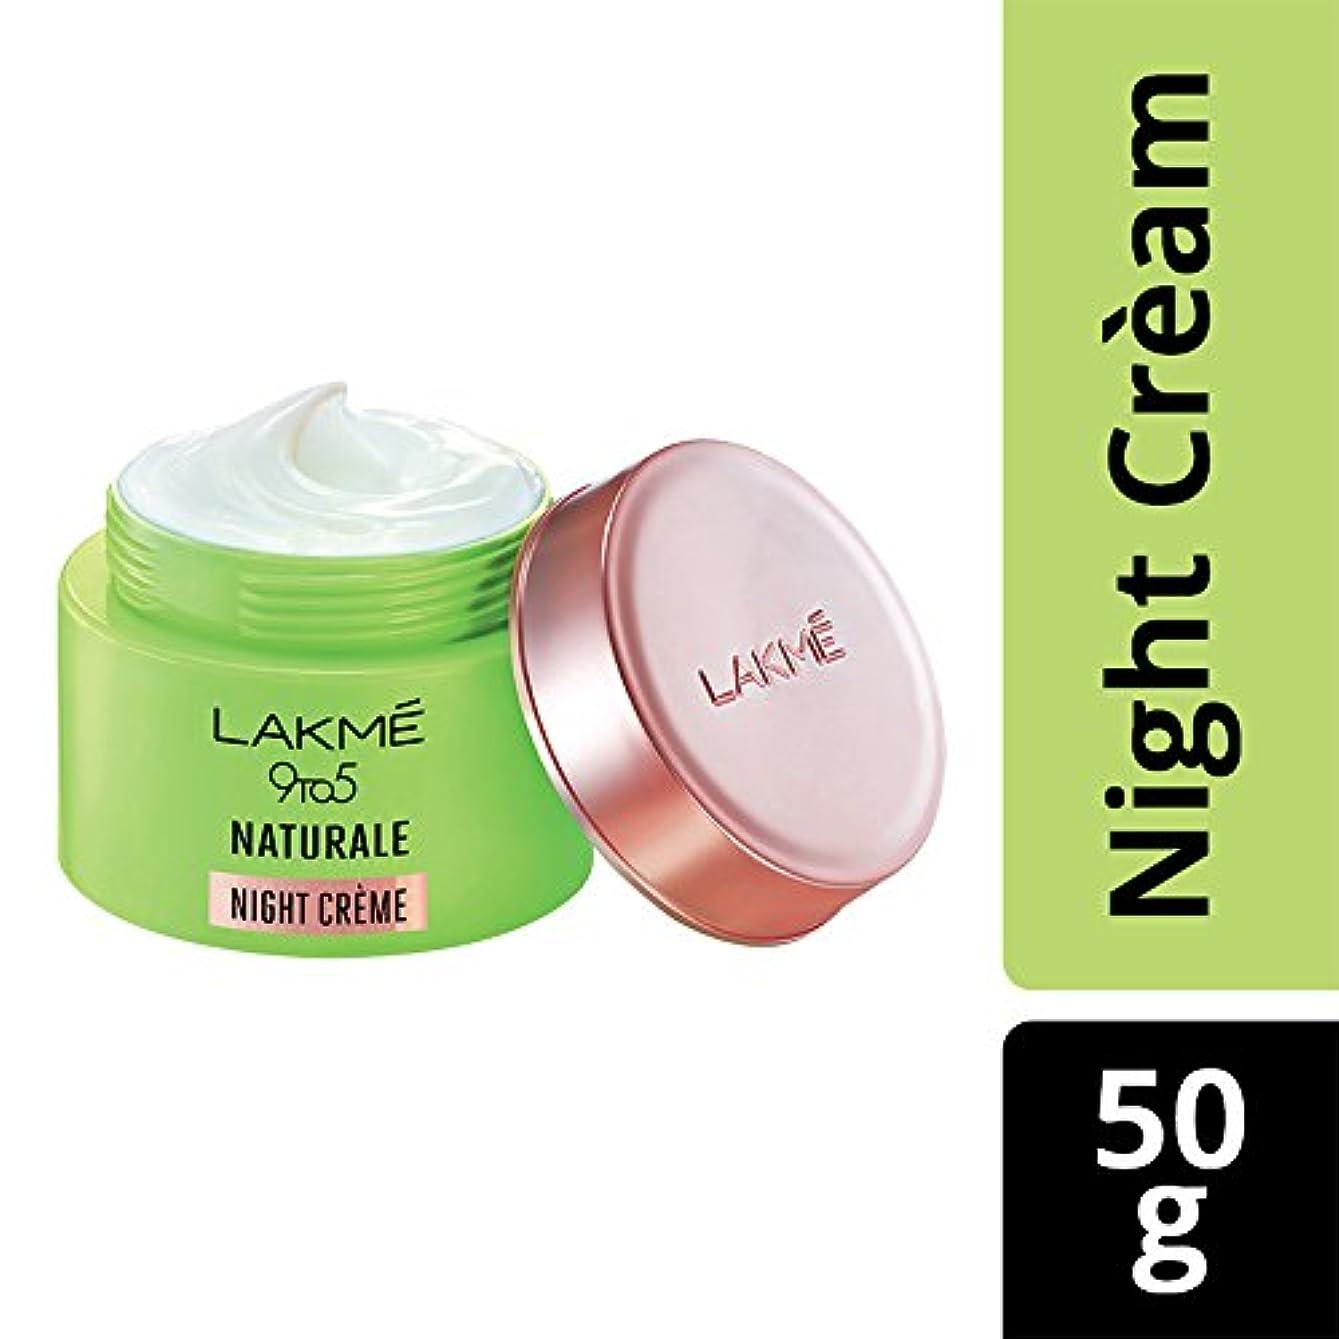 傷跡欠如牧師Lakme 9 to 5 Naturale Night Creme, 50 g